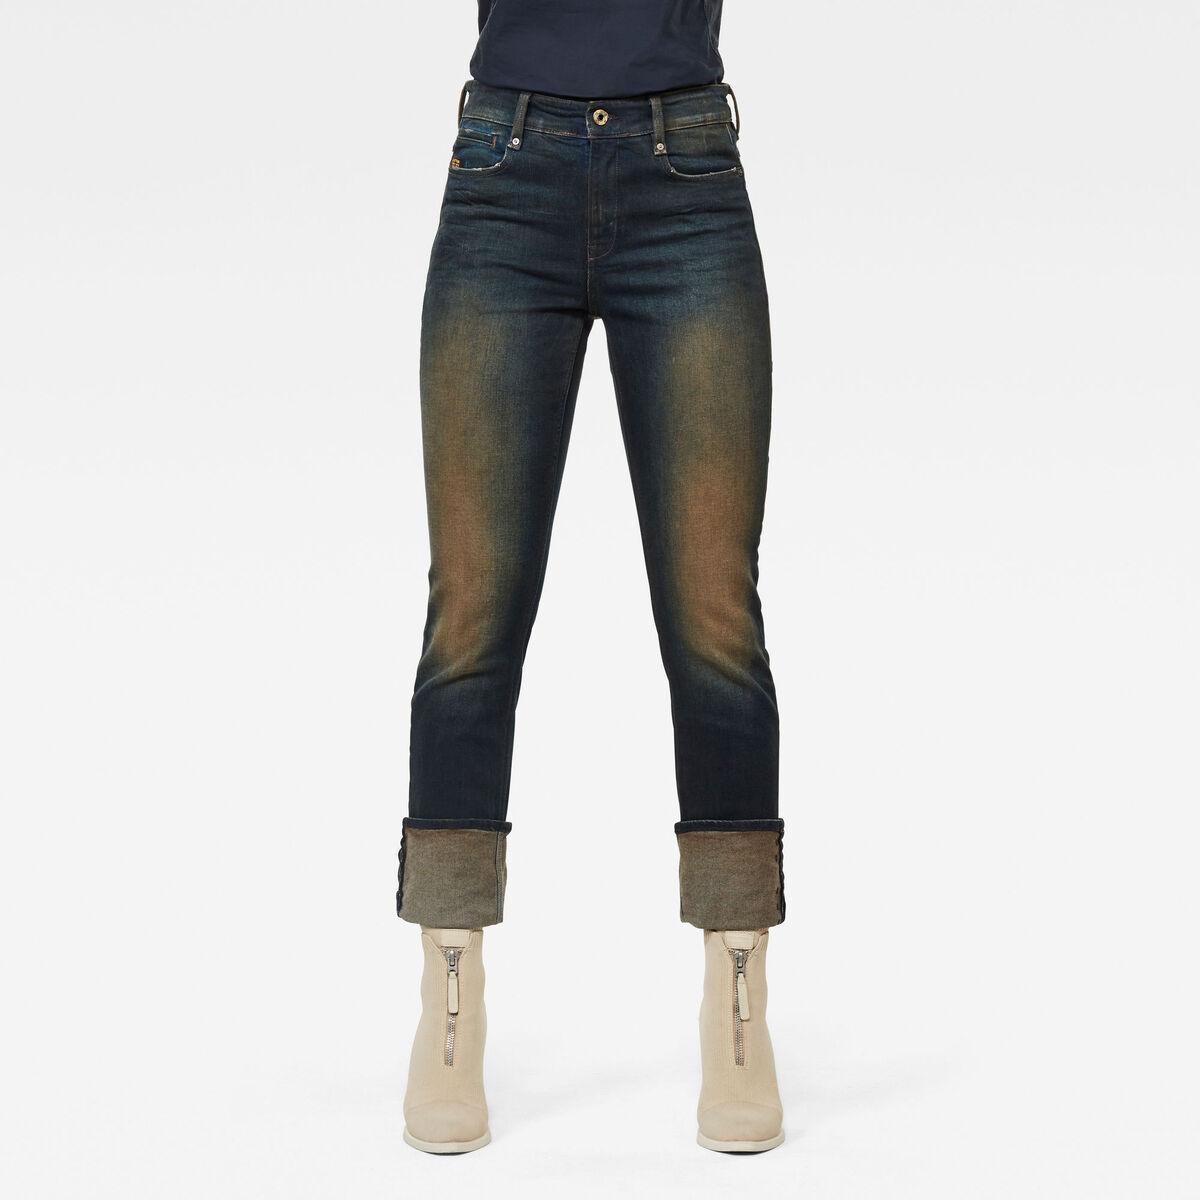 Bild 1 von Noxer High Straight Jeans